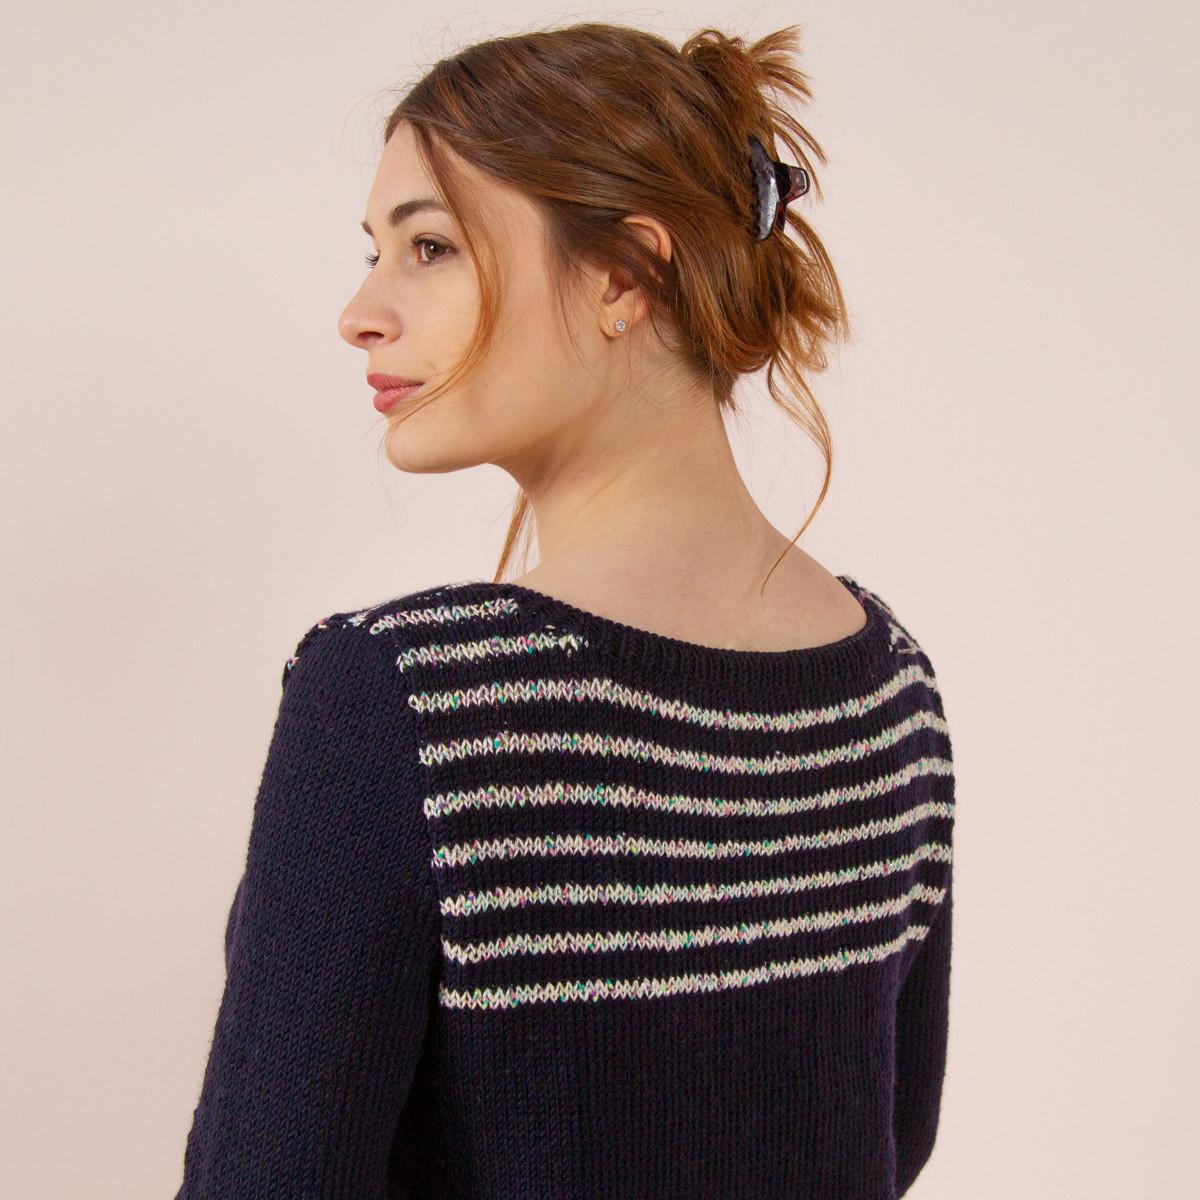 015d275f4c8 Pull à tricoter en mérinos